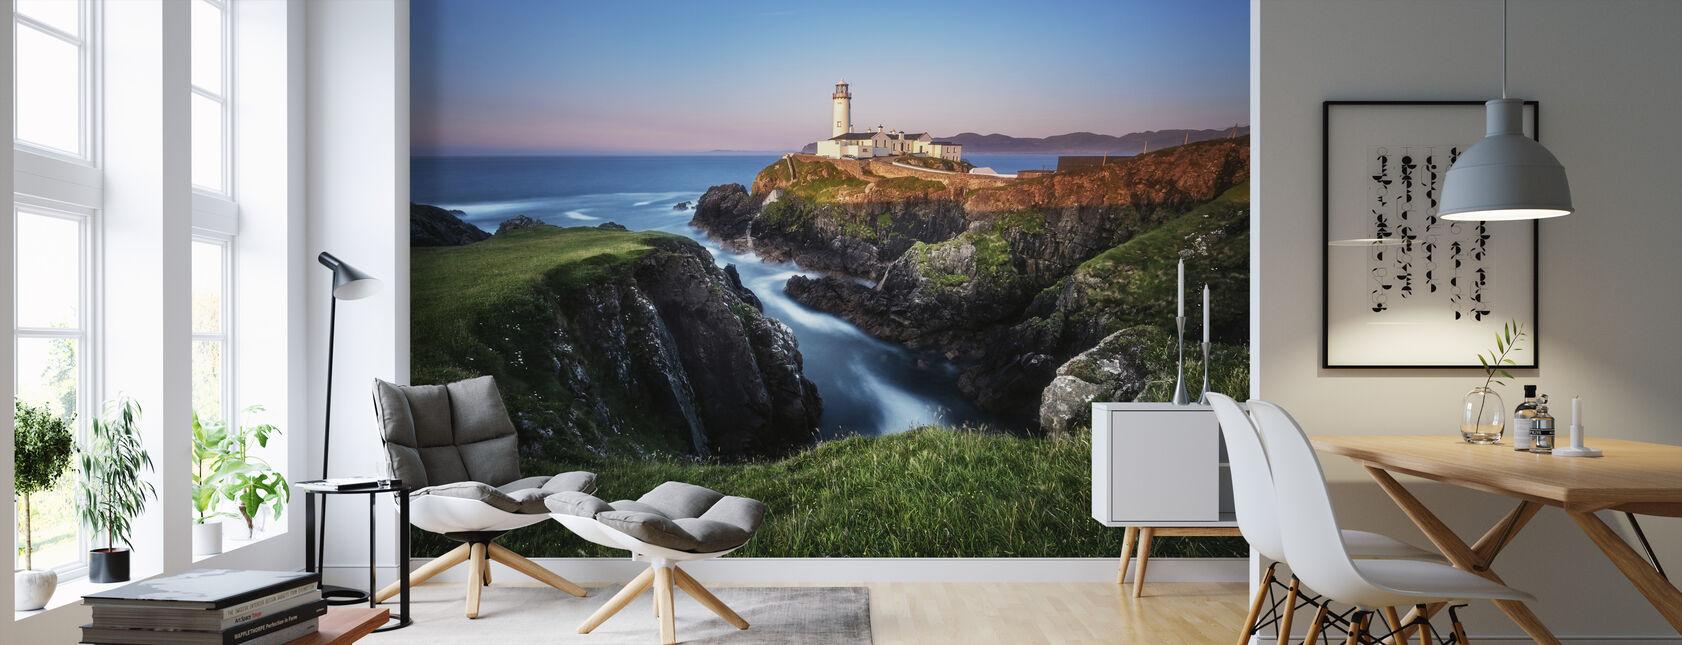 Ireland Fanad Head Lighthouse - Wallpaper - Living Room